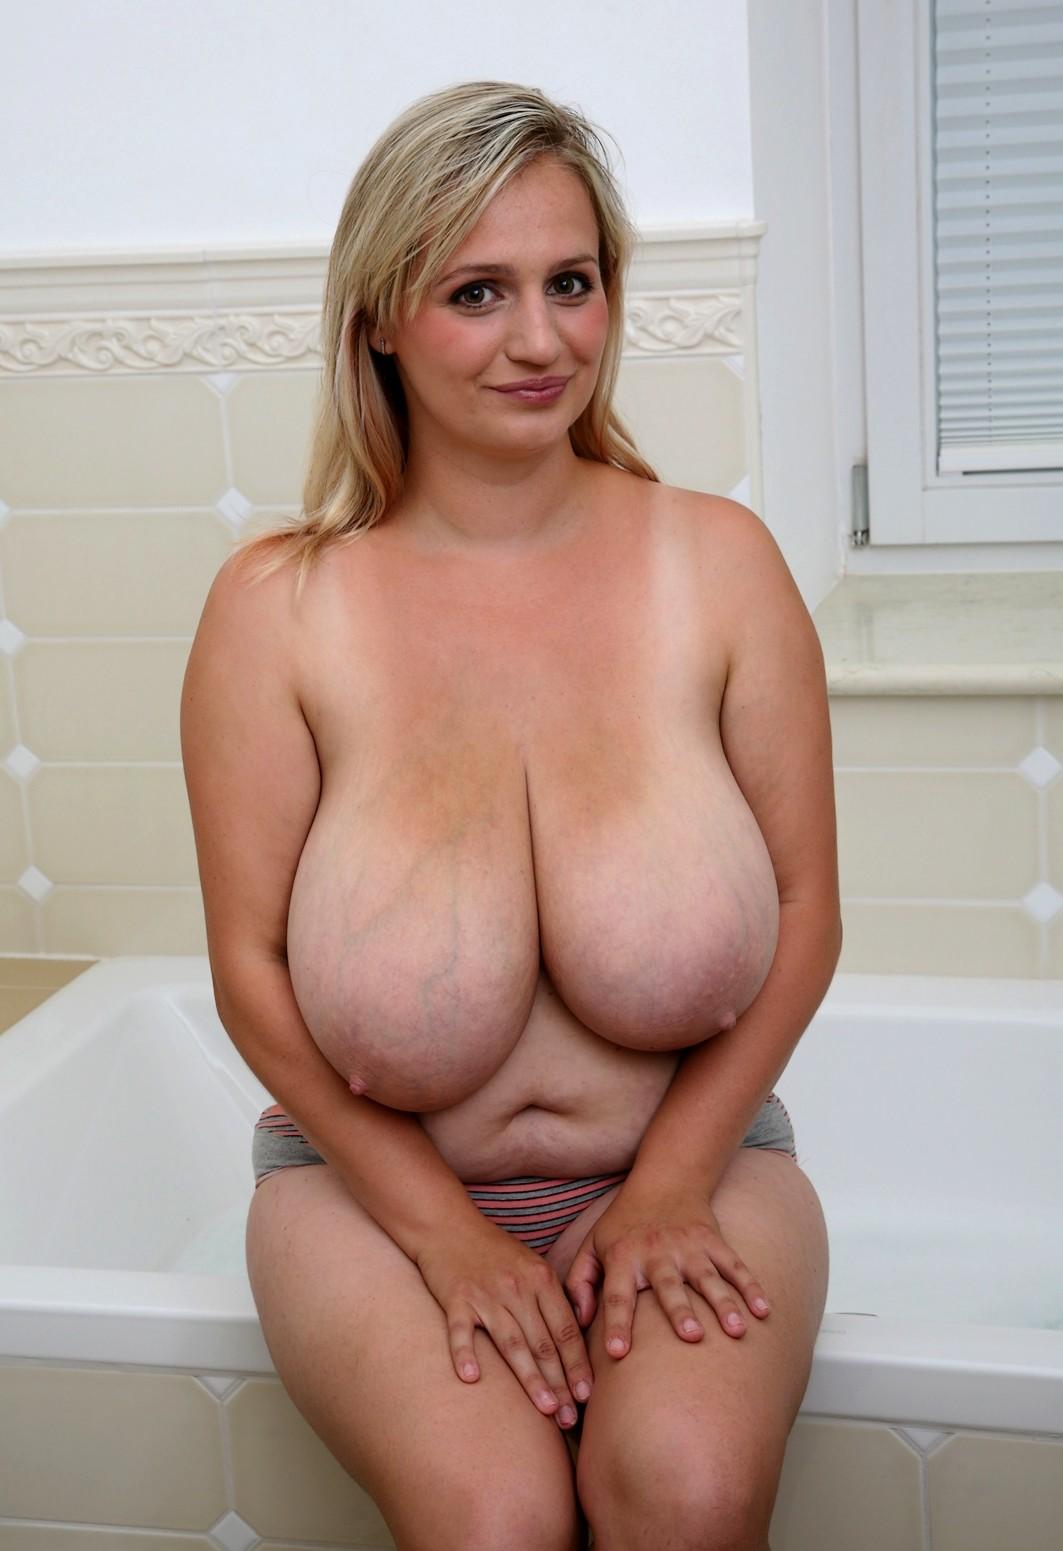 Большая грудь зрелой мамочки, бритая пизда борединки фото крупно